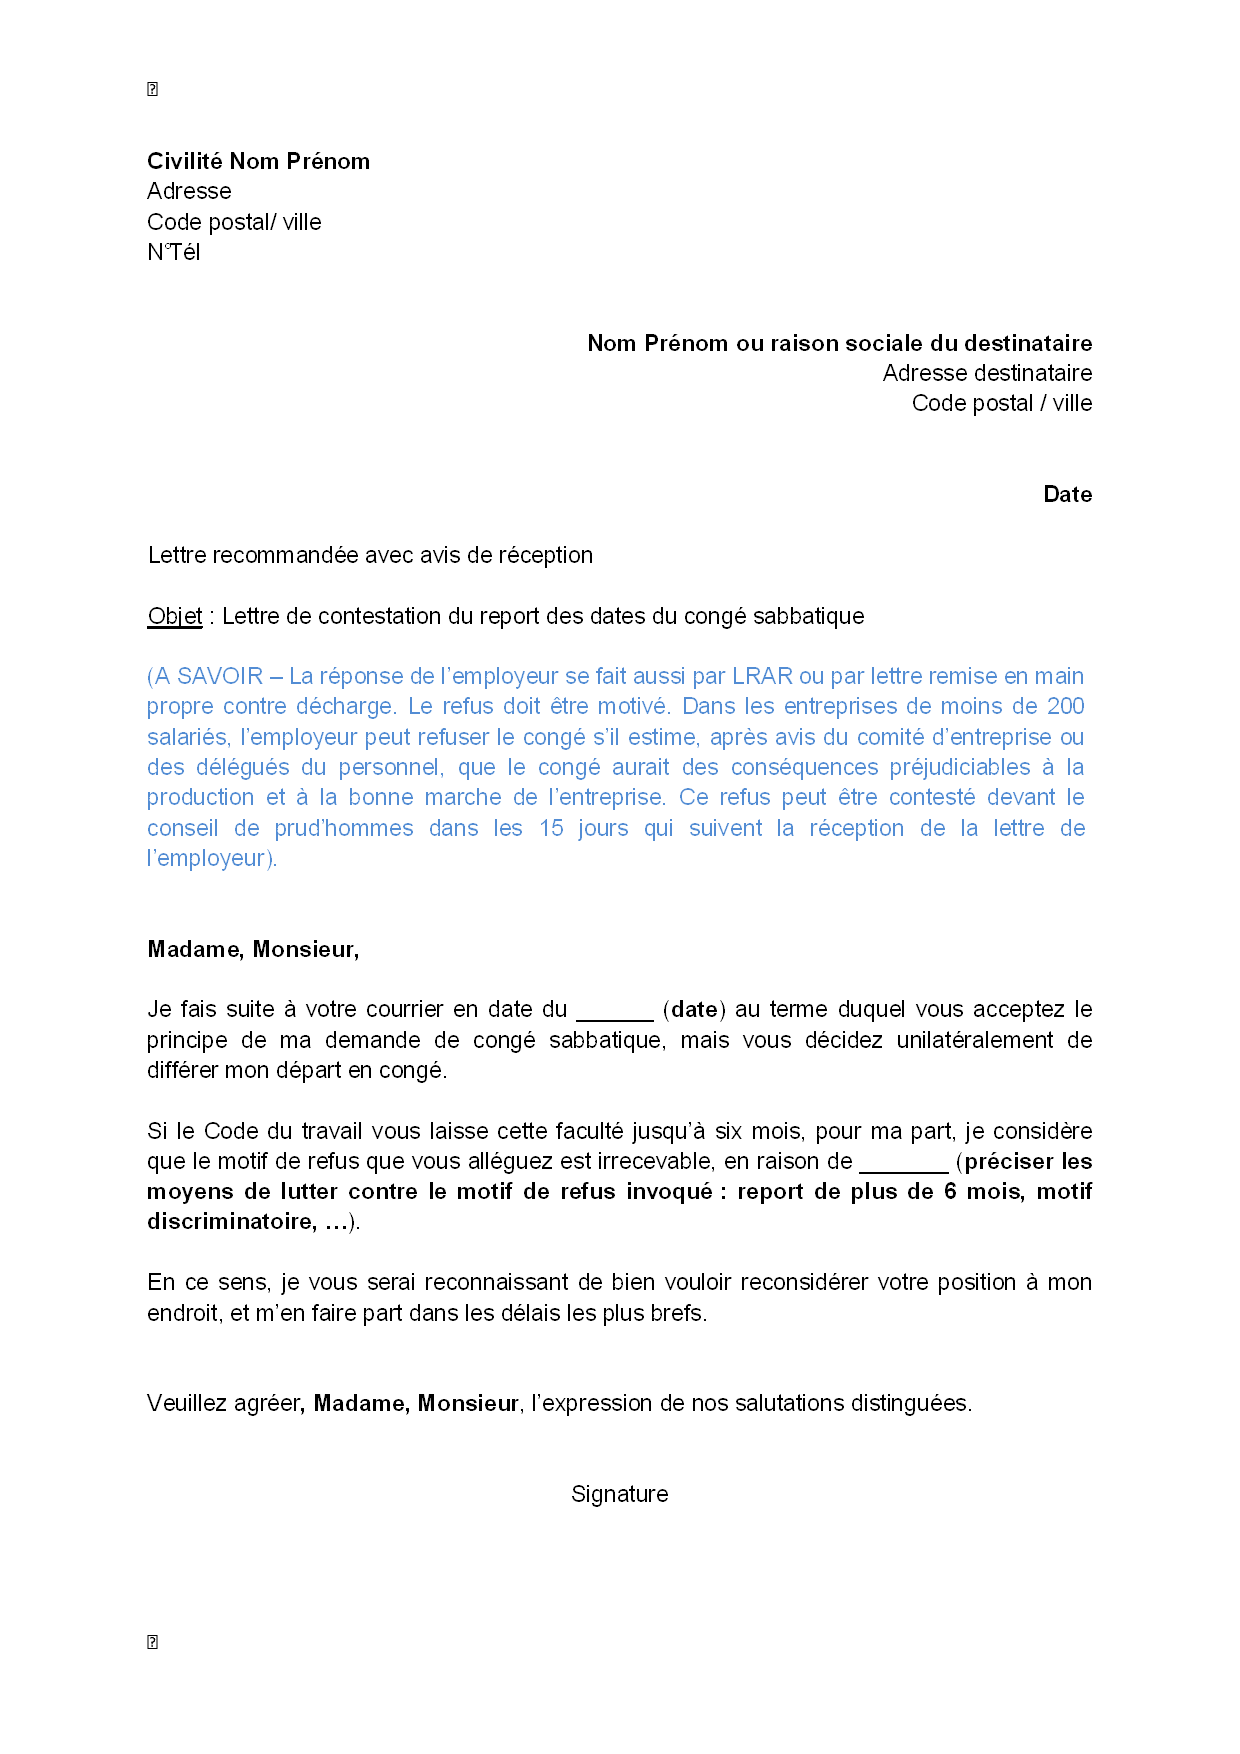 lettre de contestation  par le salari u00e9  du report des